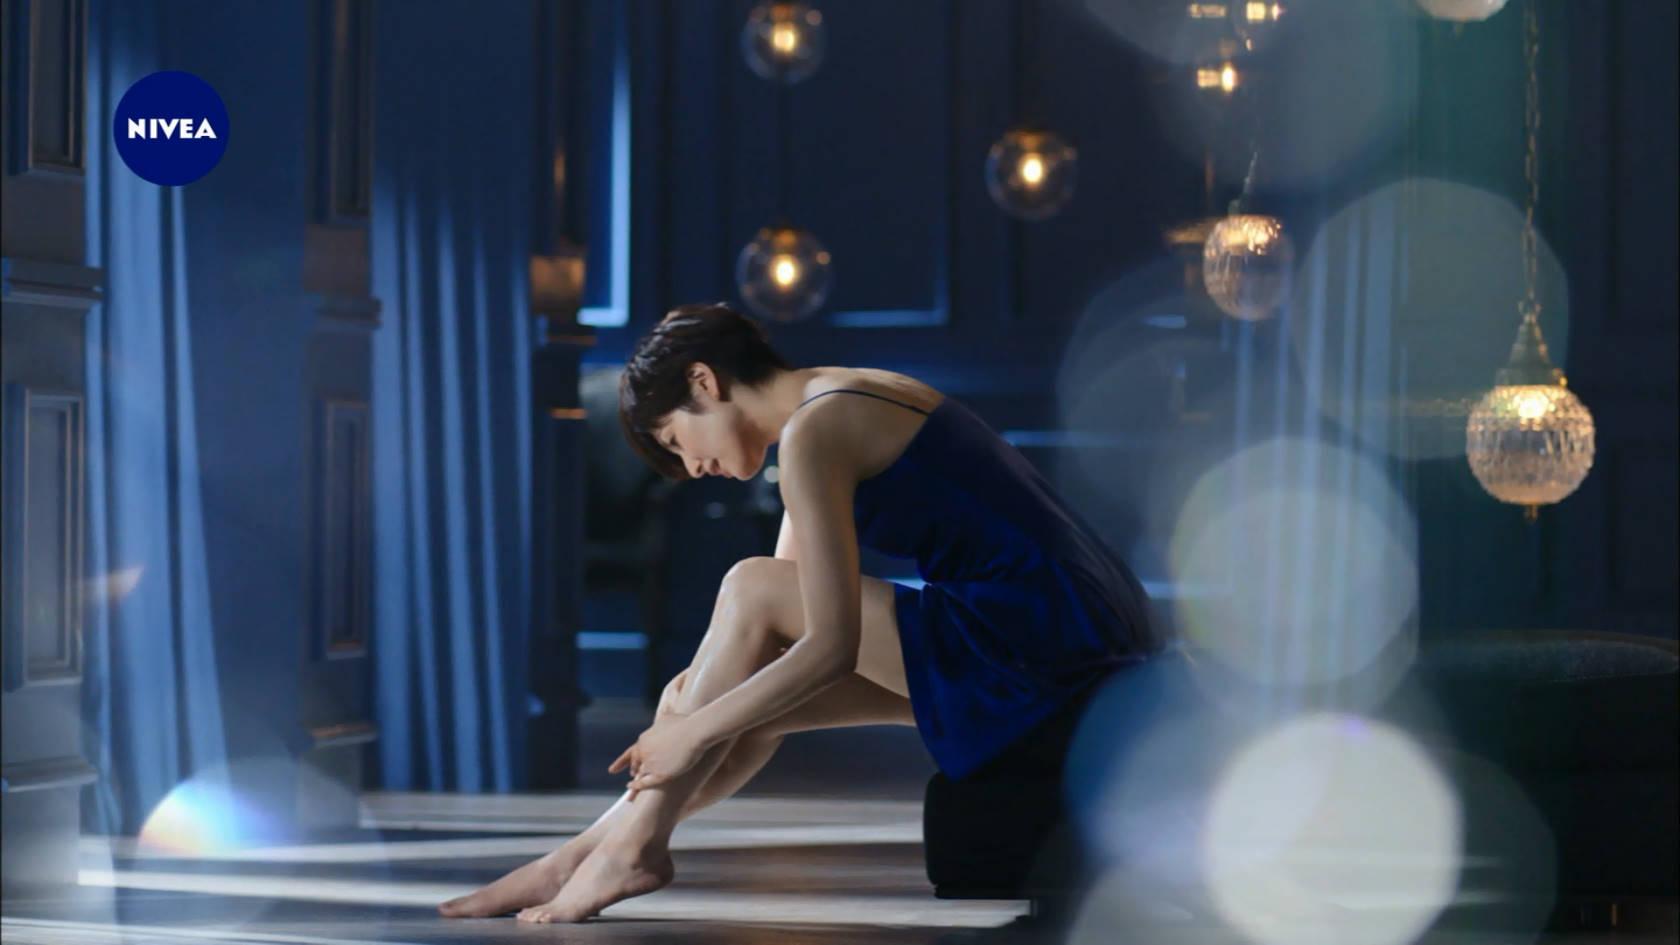 吉瀬美智子のニベアCMエロ画像007